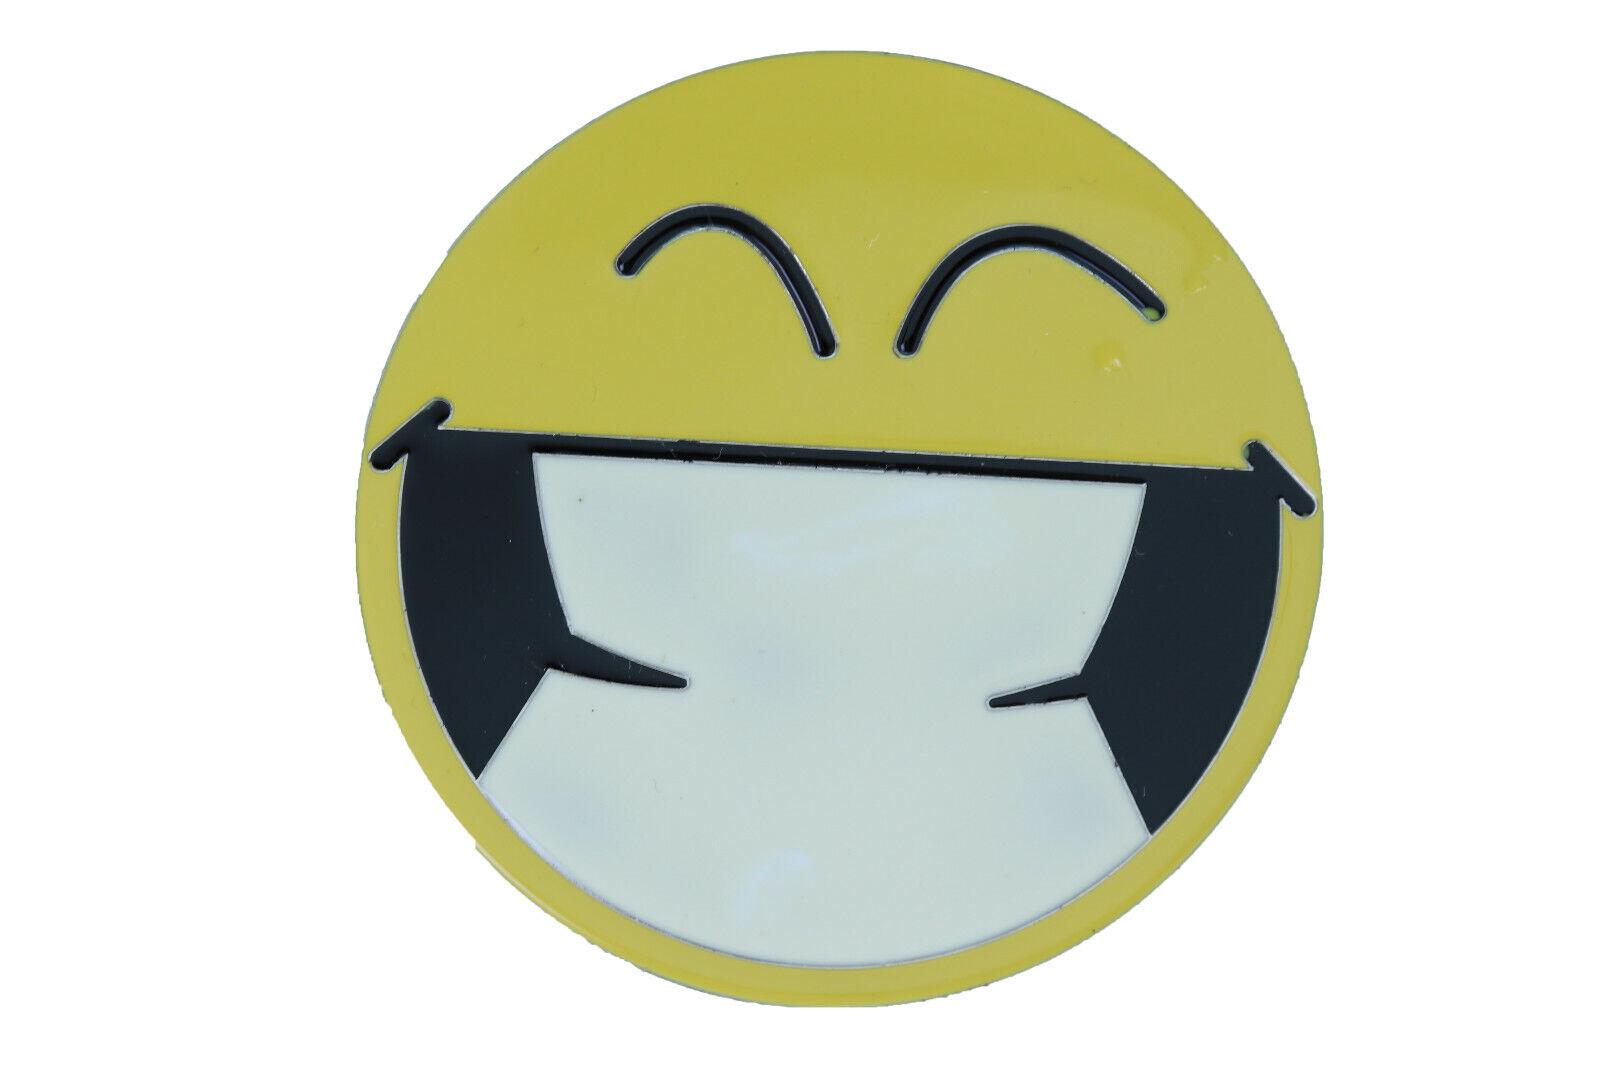 Damen Gürtelschnalle Silber Metall Gelb Farbe Smiley Augen Emoji Retro Cartoon